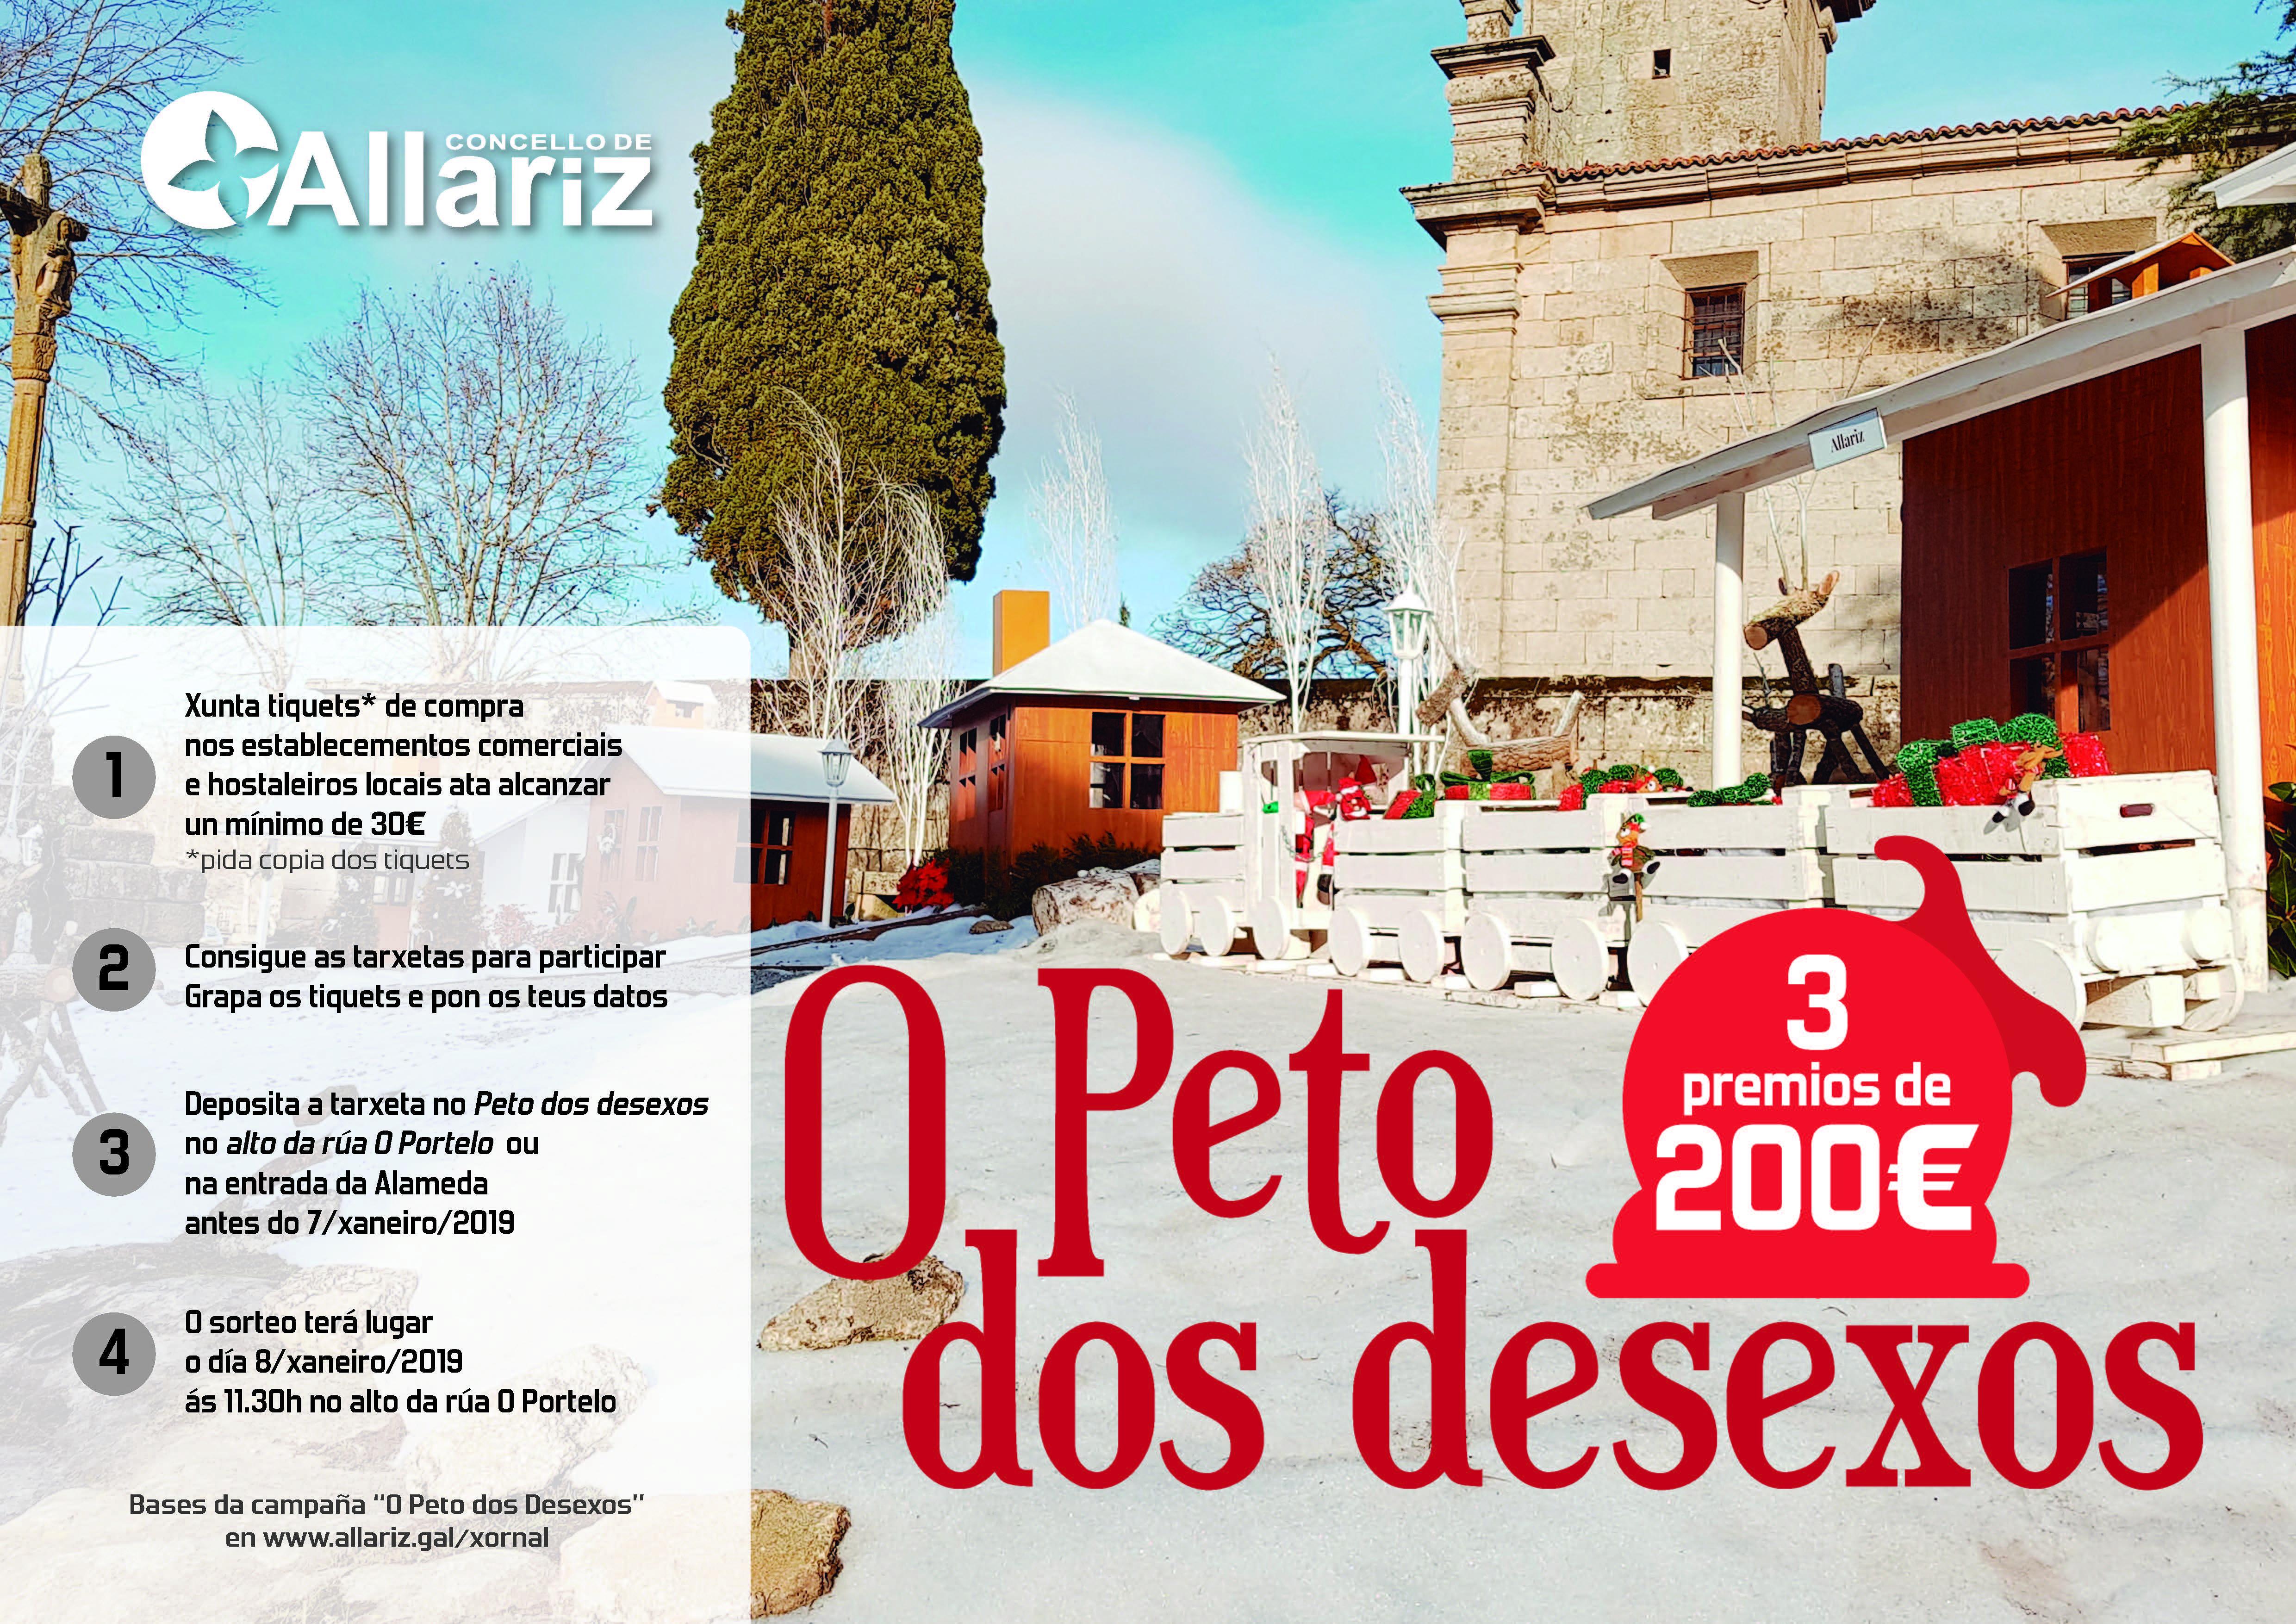 Un Nadal máis, comercio e hostalería de Allariz incentivan as compras locais mediante o Peto dos Desexos